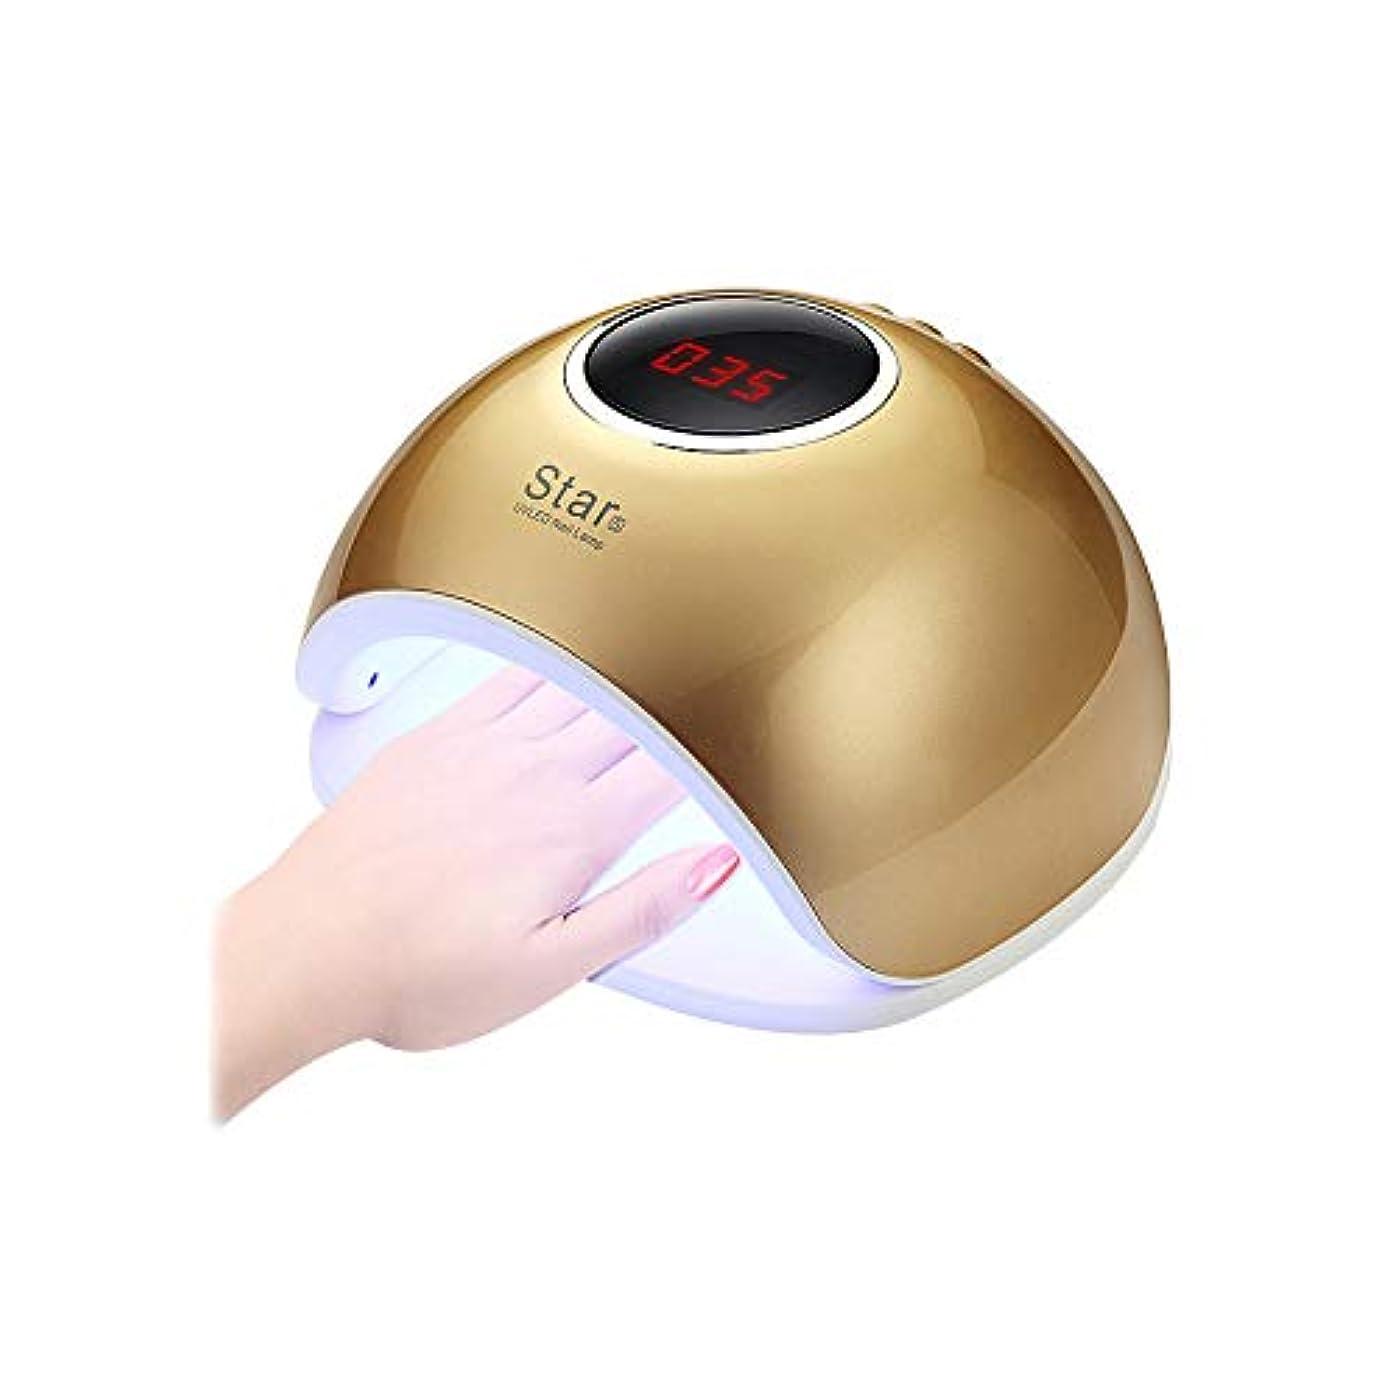 進行中ハント鳴らすLEDディスプレイ72Wインテリジェント誘導無痛速乾性光線療法ランプネイルポリッシュグルーライト速乾性ドライヤーネイルポリッシュUVランプ